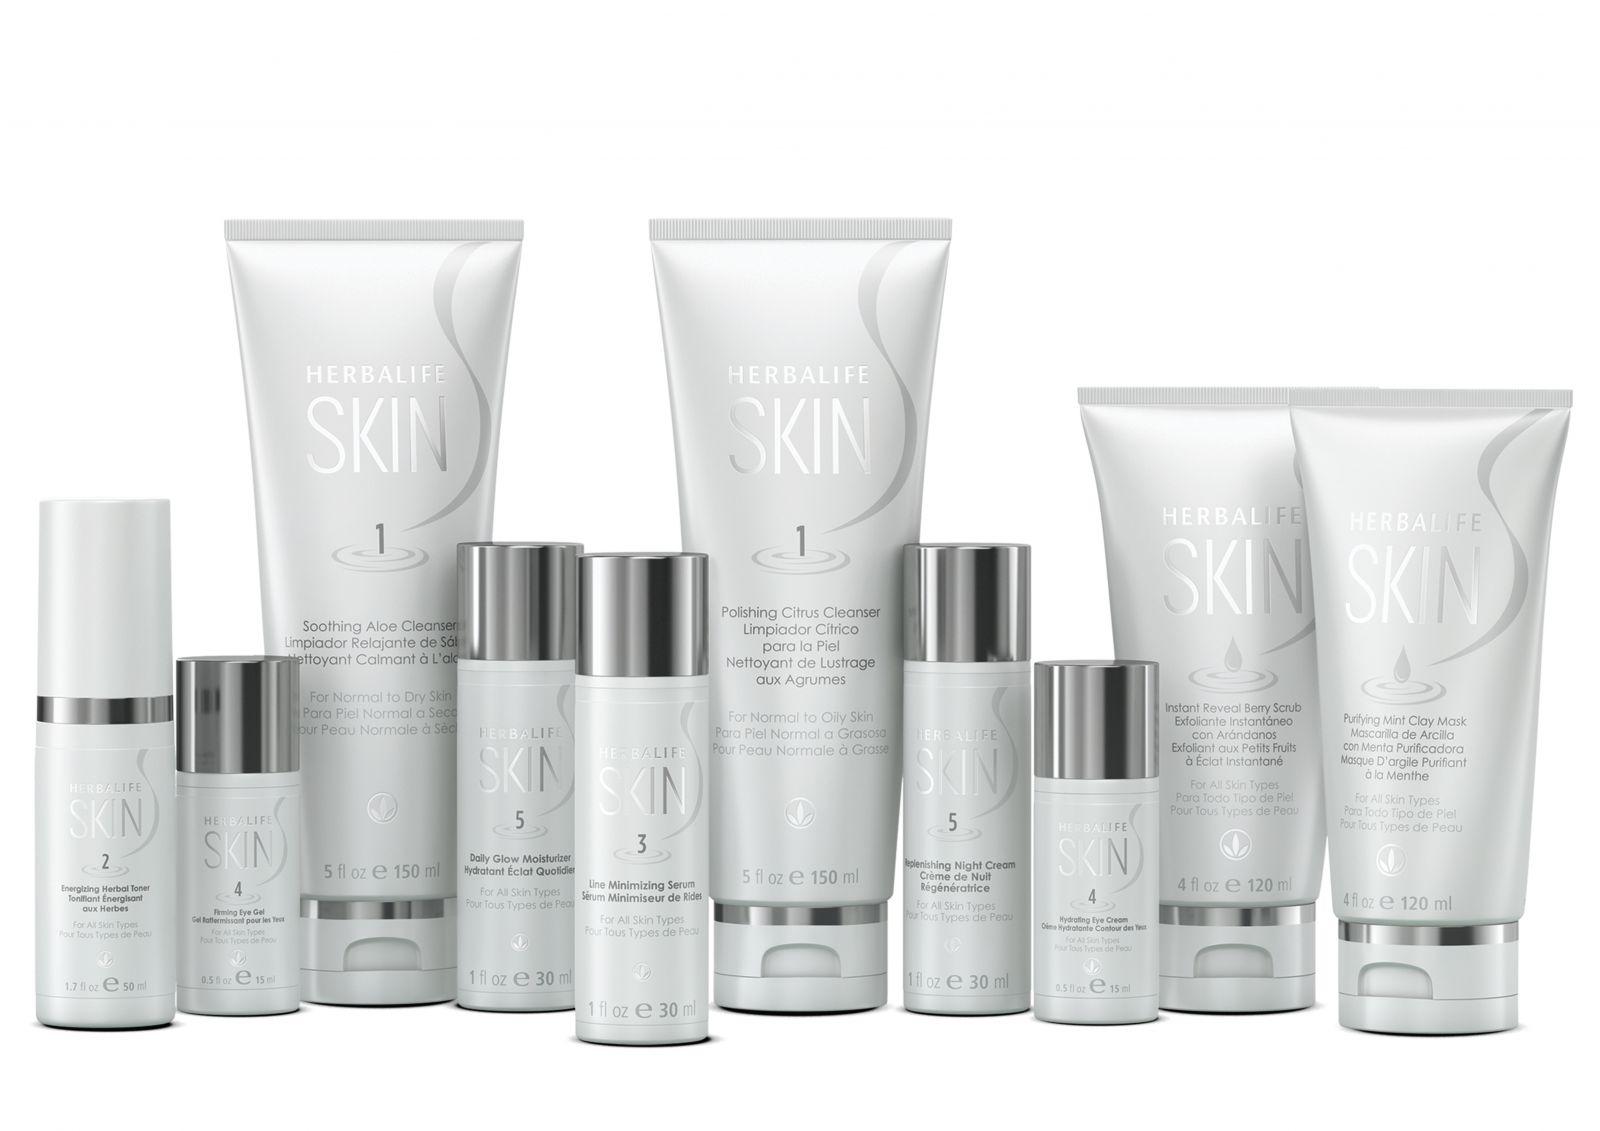 Как это было: презентация линии средств по уходу за кожей Herbalife SKIN